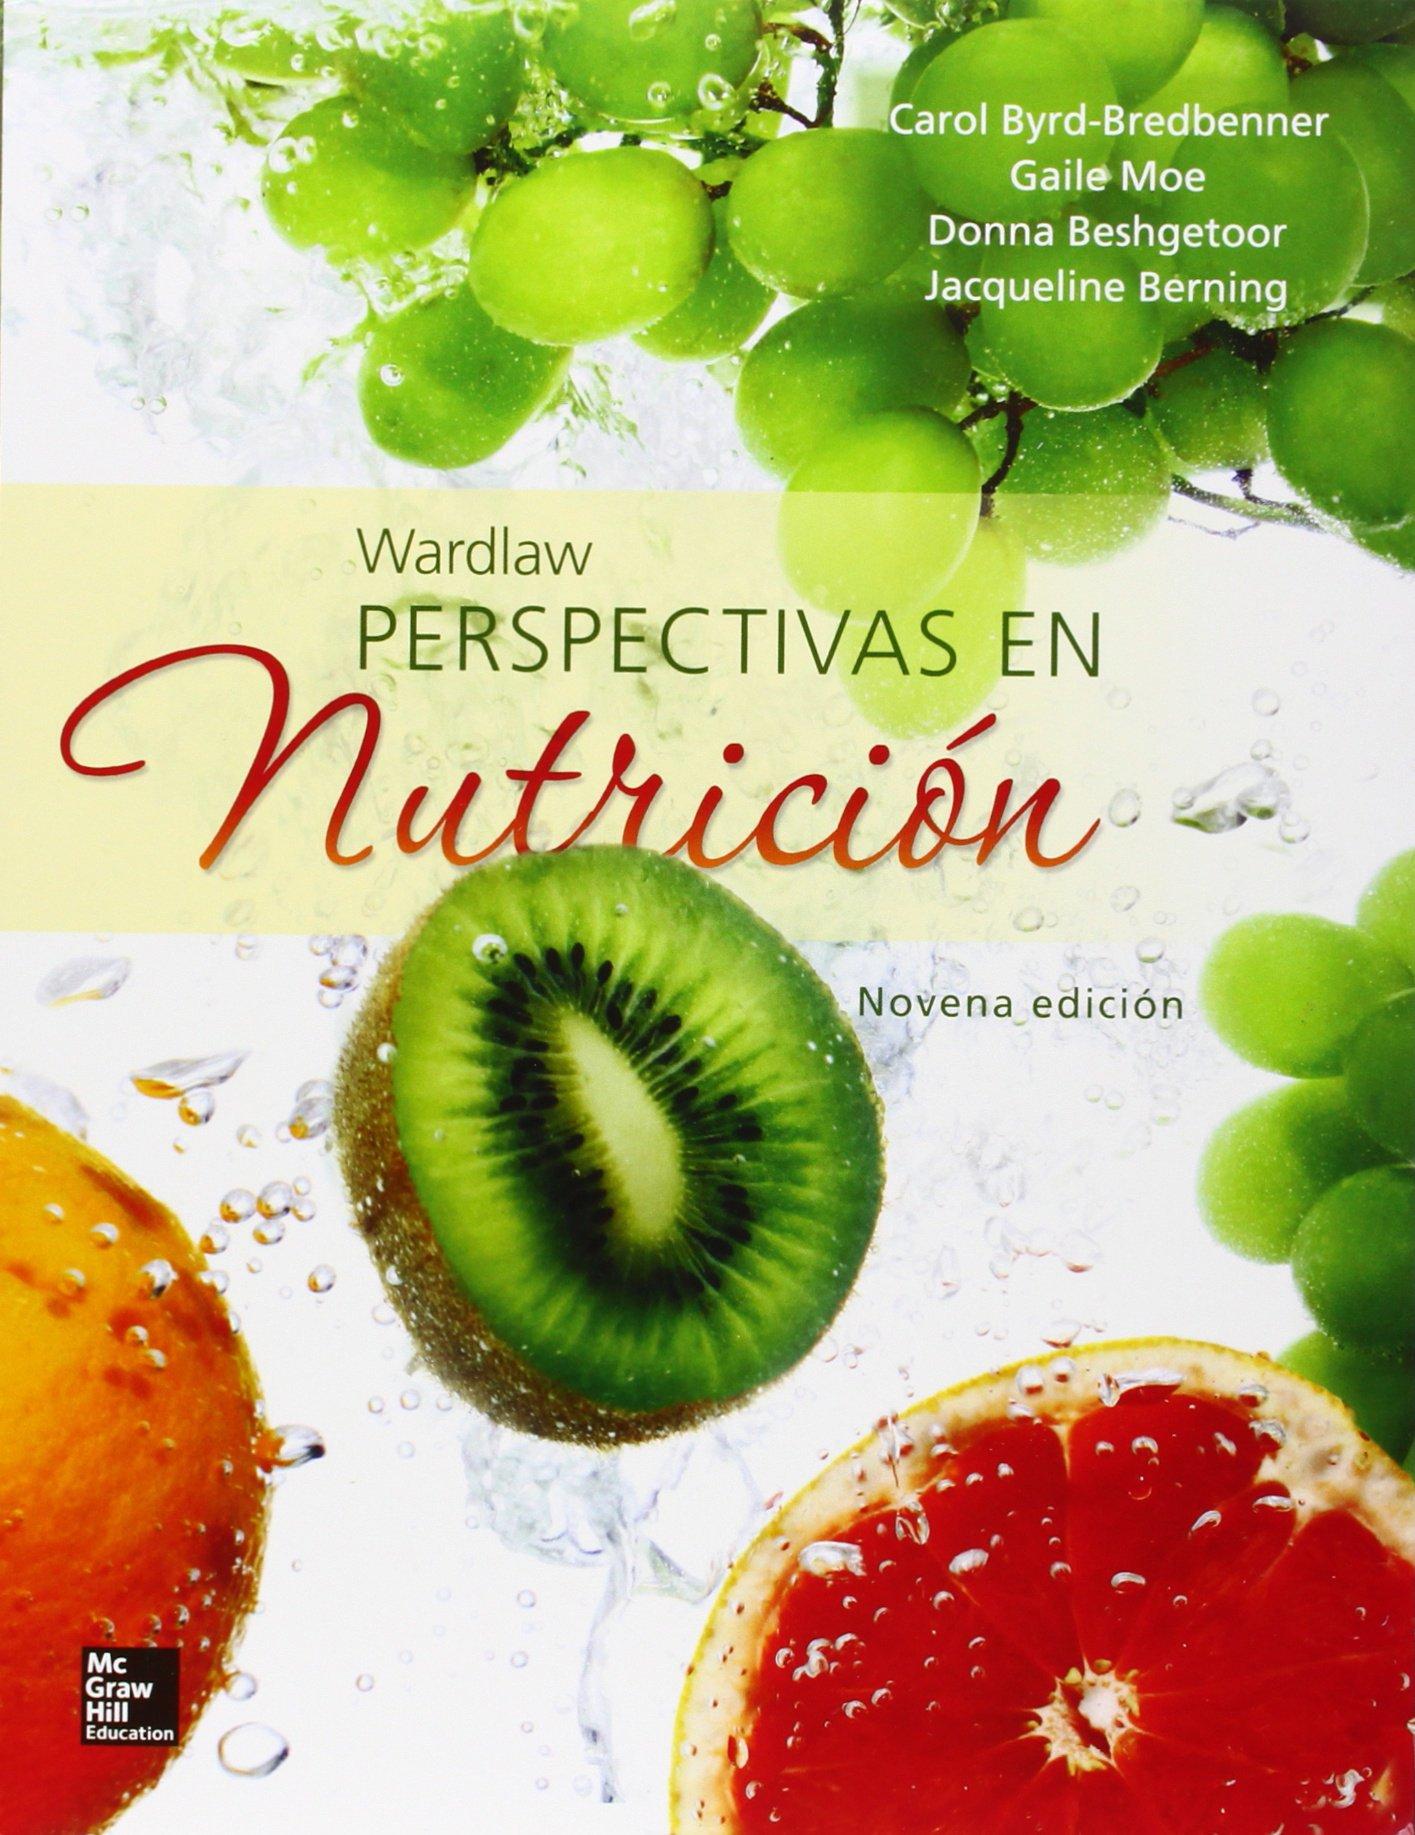 WARDLAW. PERSPECTIVAS EN NUTRICION: Amazon.es: Carol Byrd-Bredbenner, Gaile Moe, Jacqueline Berning, Donna Beshgetoor: Libros